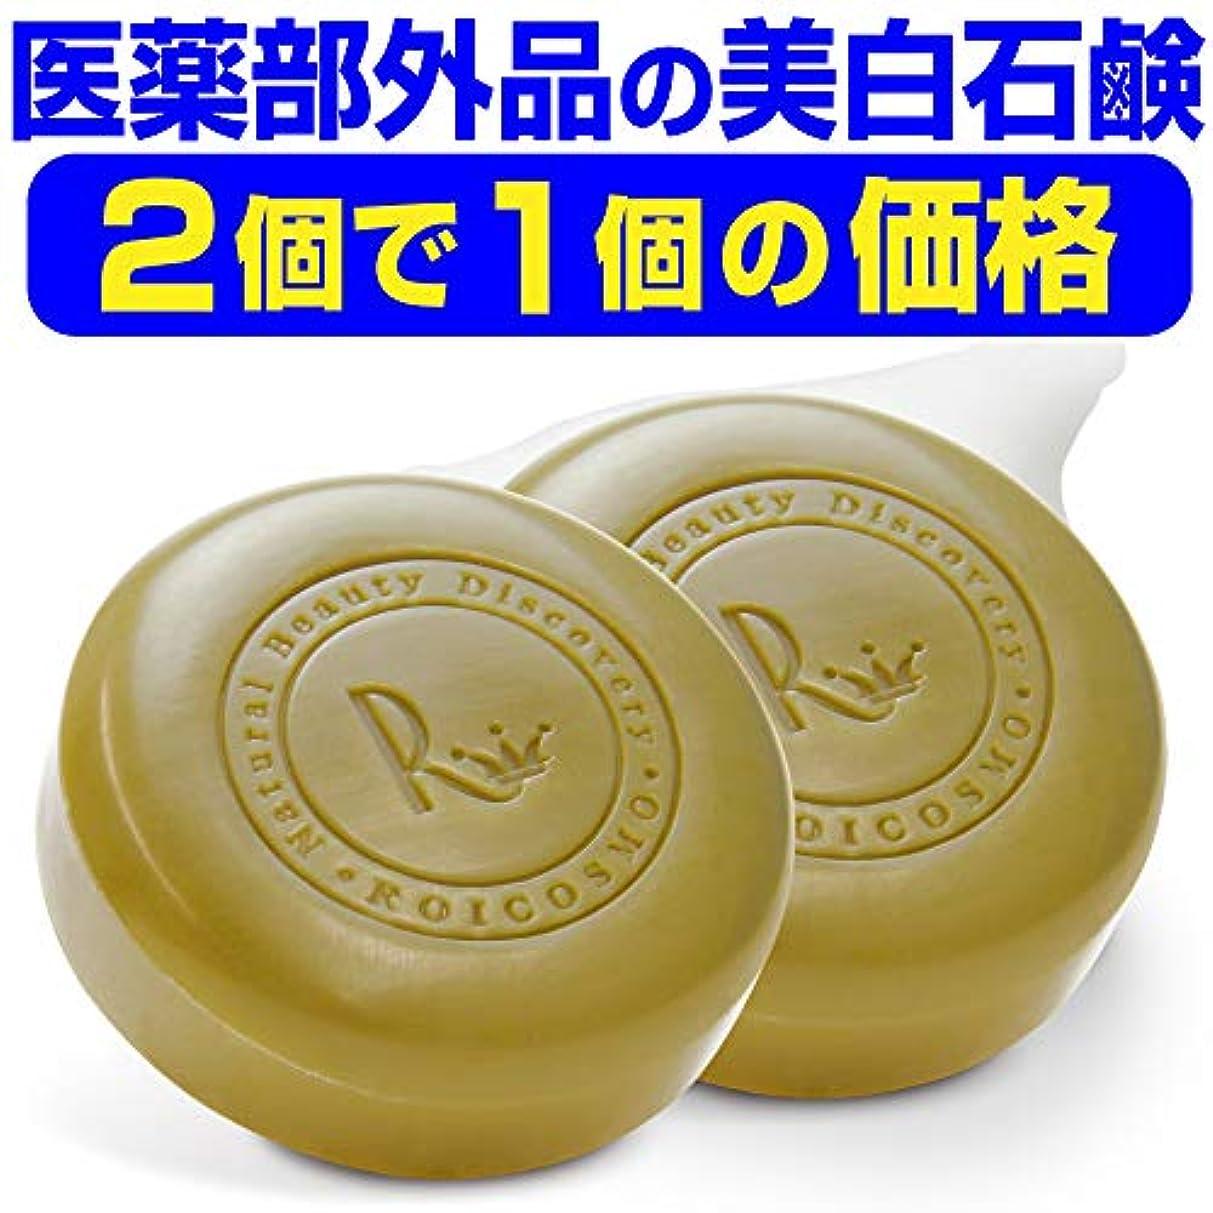 入口乱闘格納2個まとめ買い9%OFF 美白石鹸/ビタミンC270倍の美白成分配合の 洗顔石鹸 固形『ホワイトソープ100g×2個』